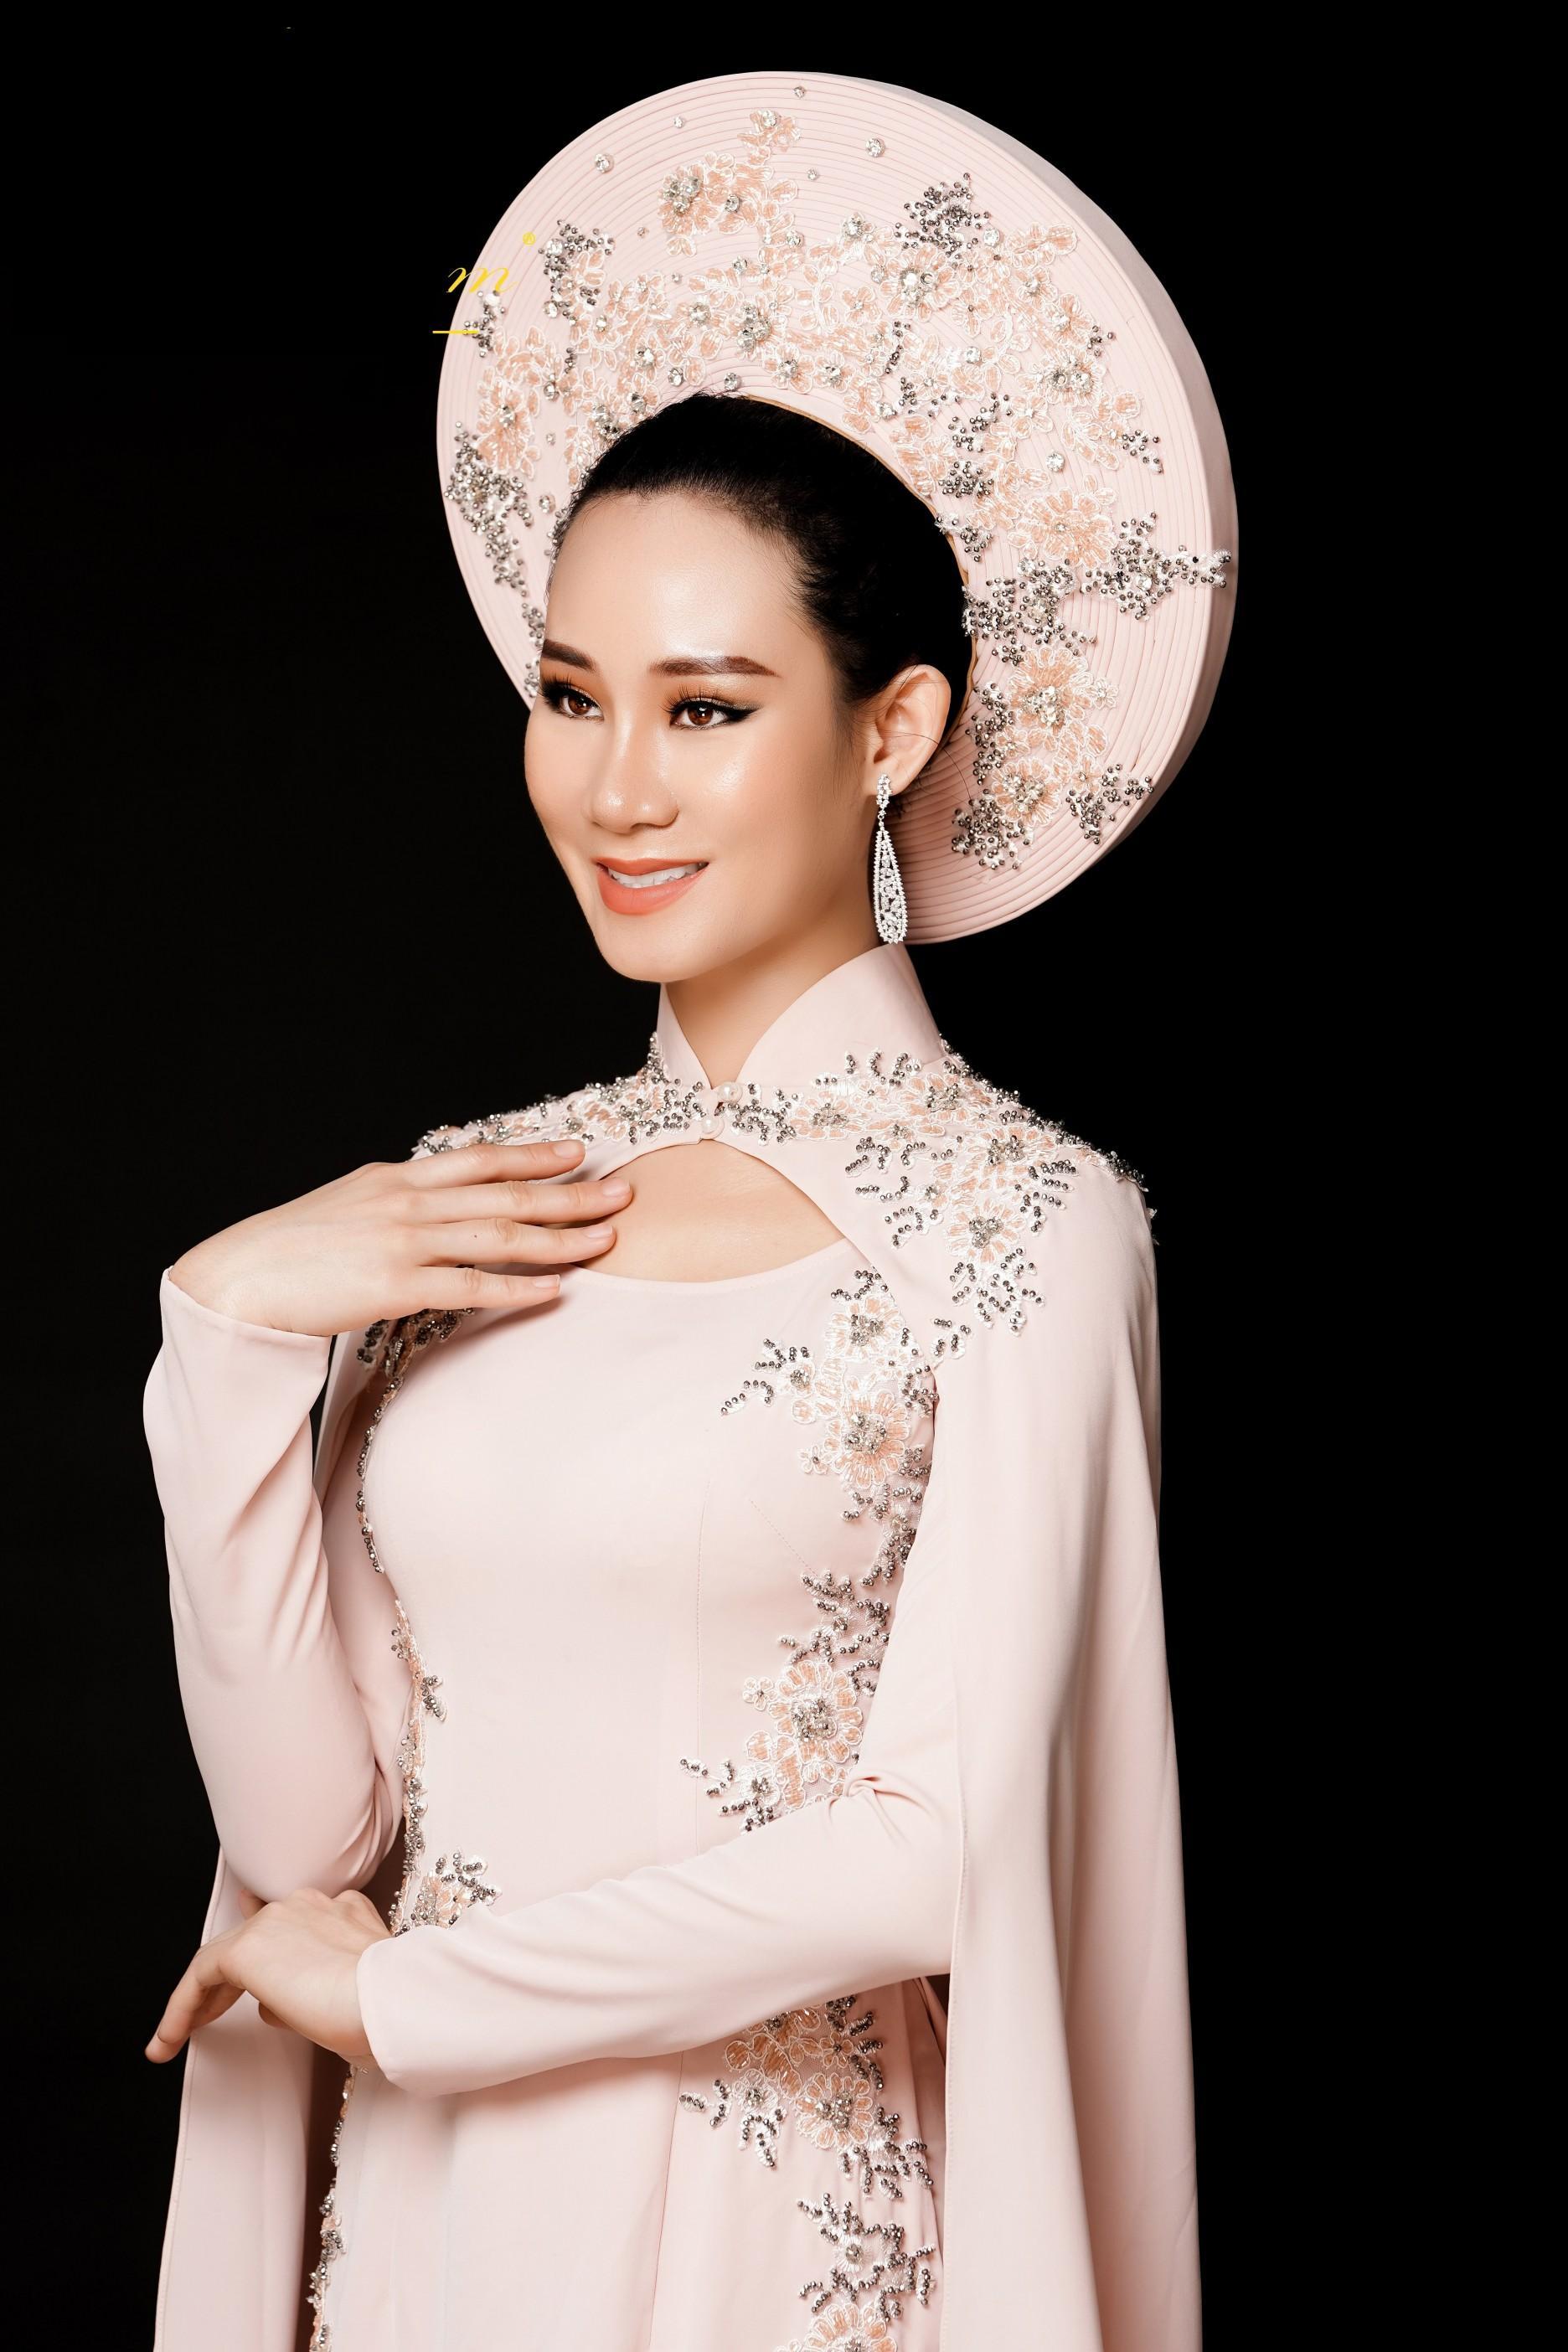 Phạm Lan Anh chọn áo dài tranh tài tại Hoa hậu Du lịch Thế giới 2019 Ảnh 5